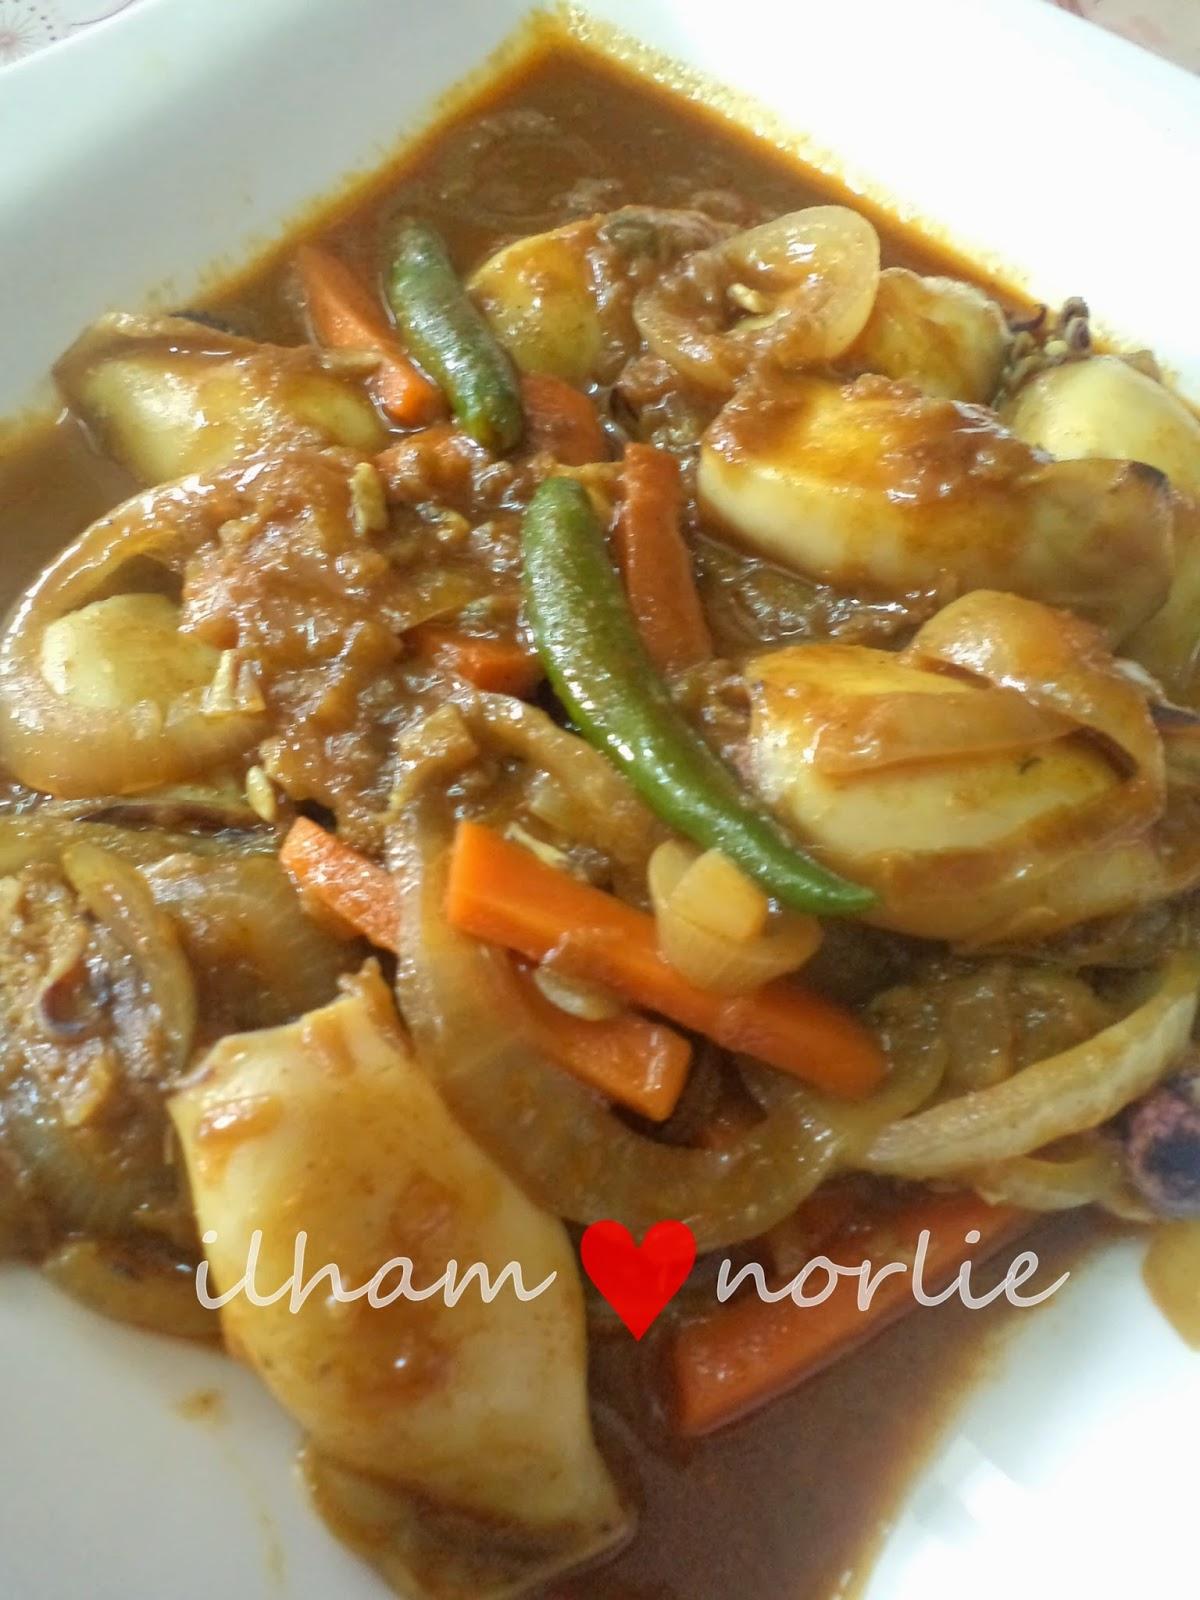 resepi sotong masak kari  mudah kari sotong aneka masakan enak resepi sotong bakar Resepi Rendang Ayam Tanpa Tumis Enak dan Mudah